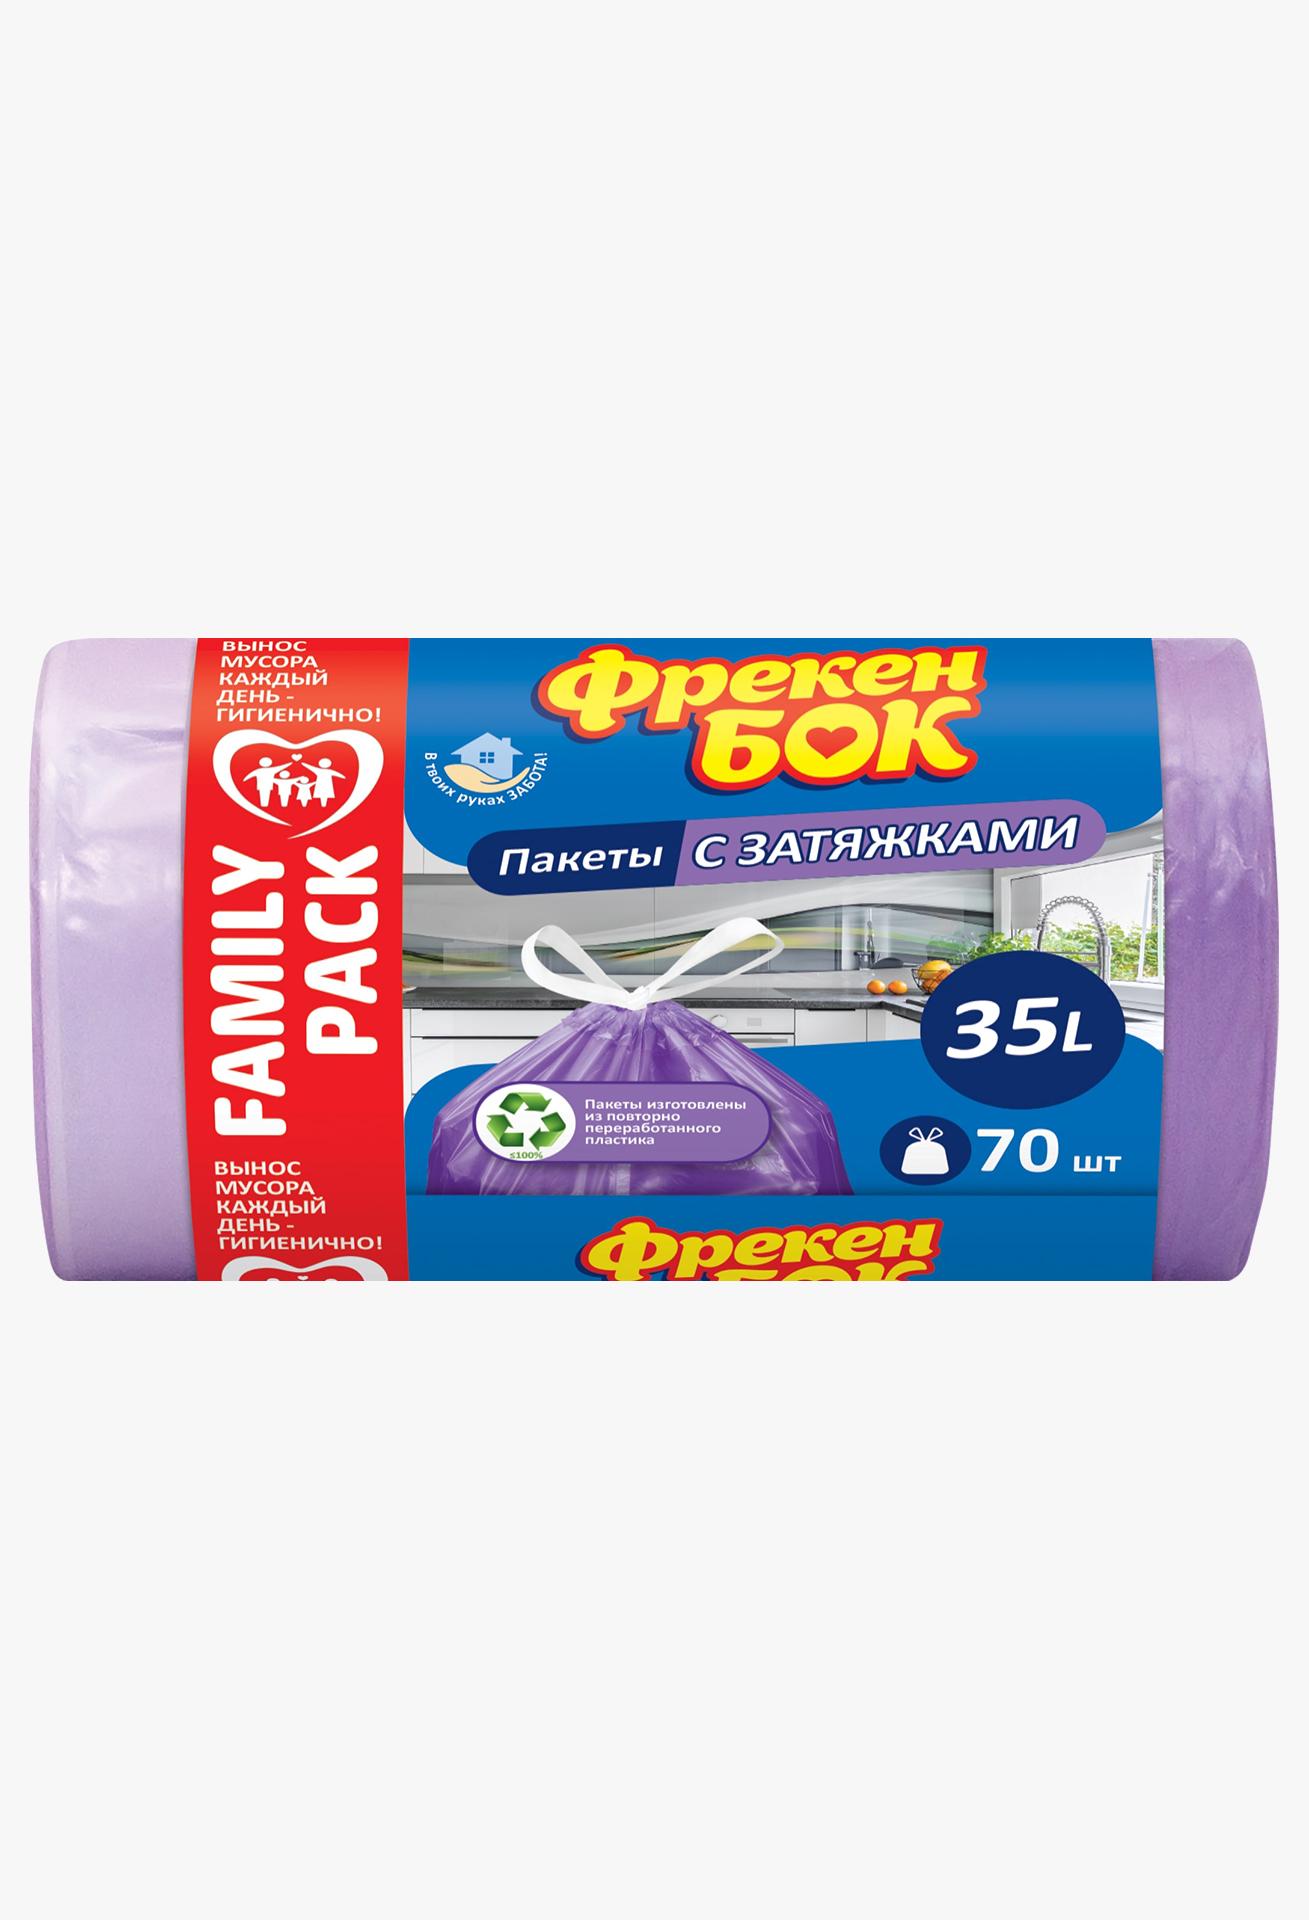 ФБ Пакет для сміття п/е з затяжкою Стандарт фіолетовий, 35л